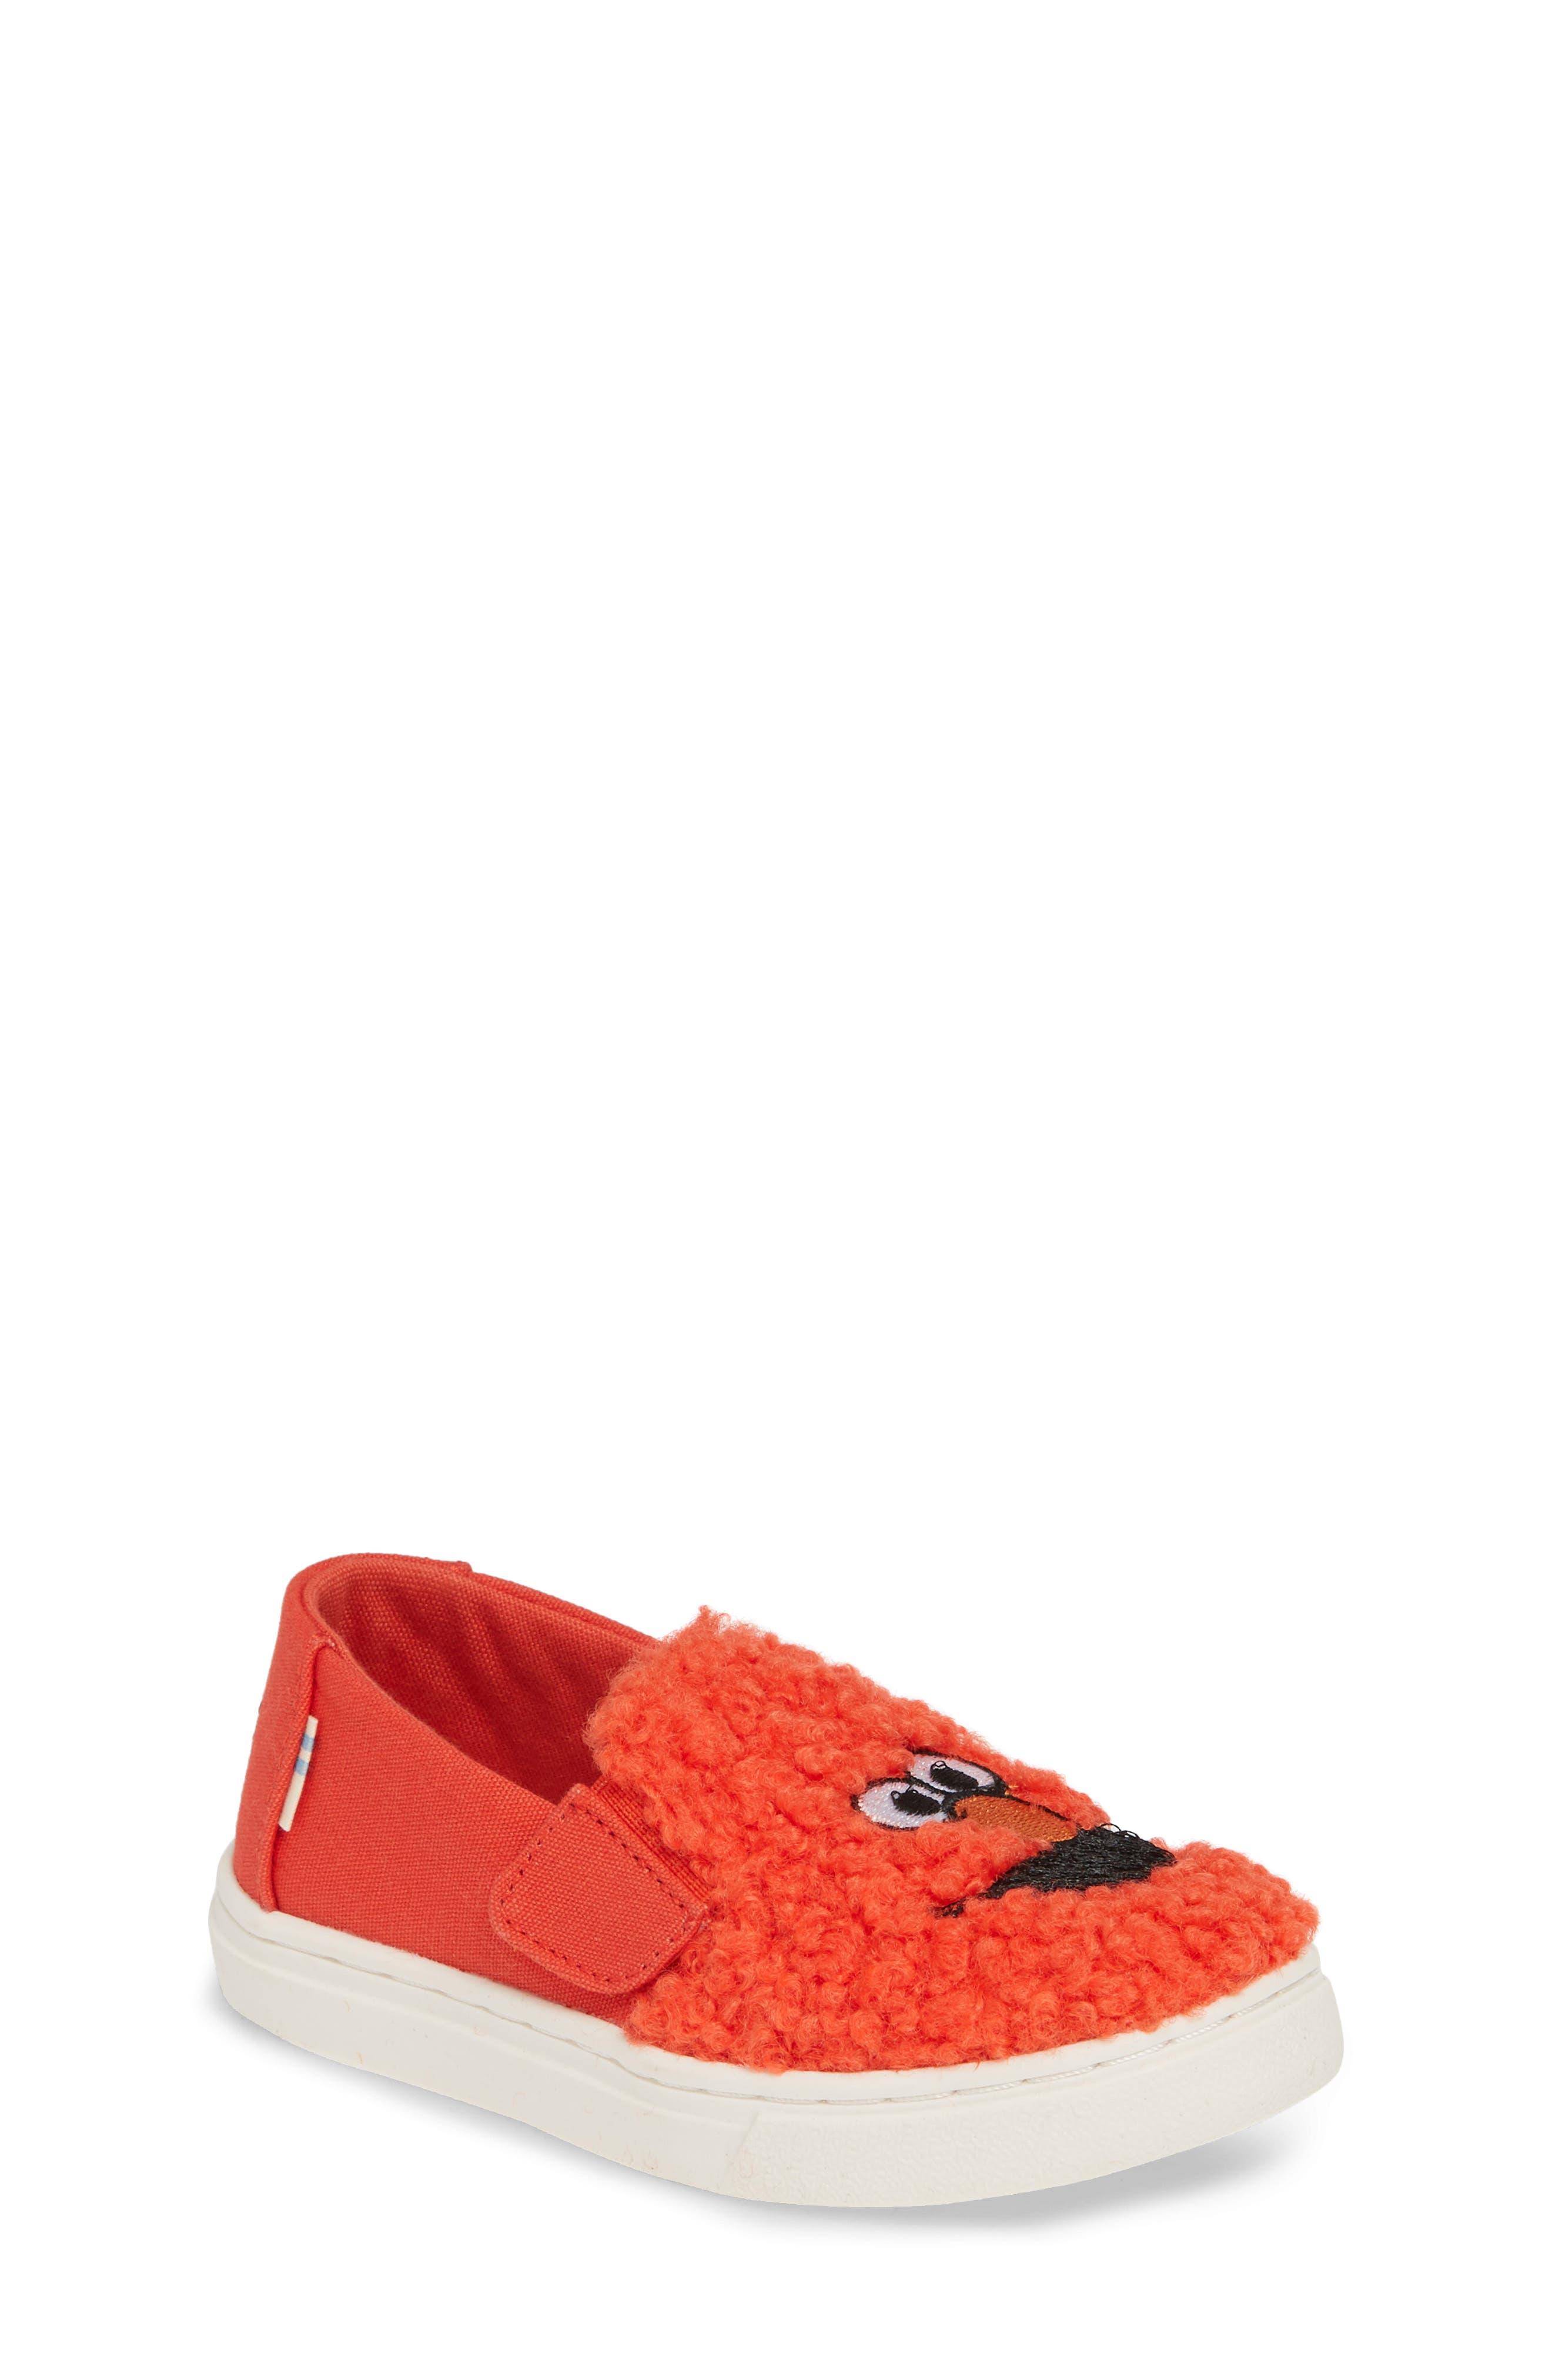 Toms X Sesame Street Luca - Elmo Slip-On Sneaker